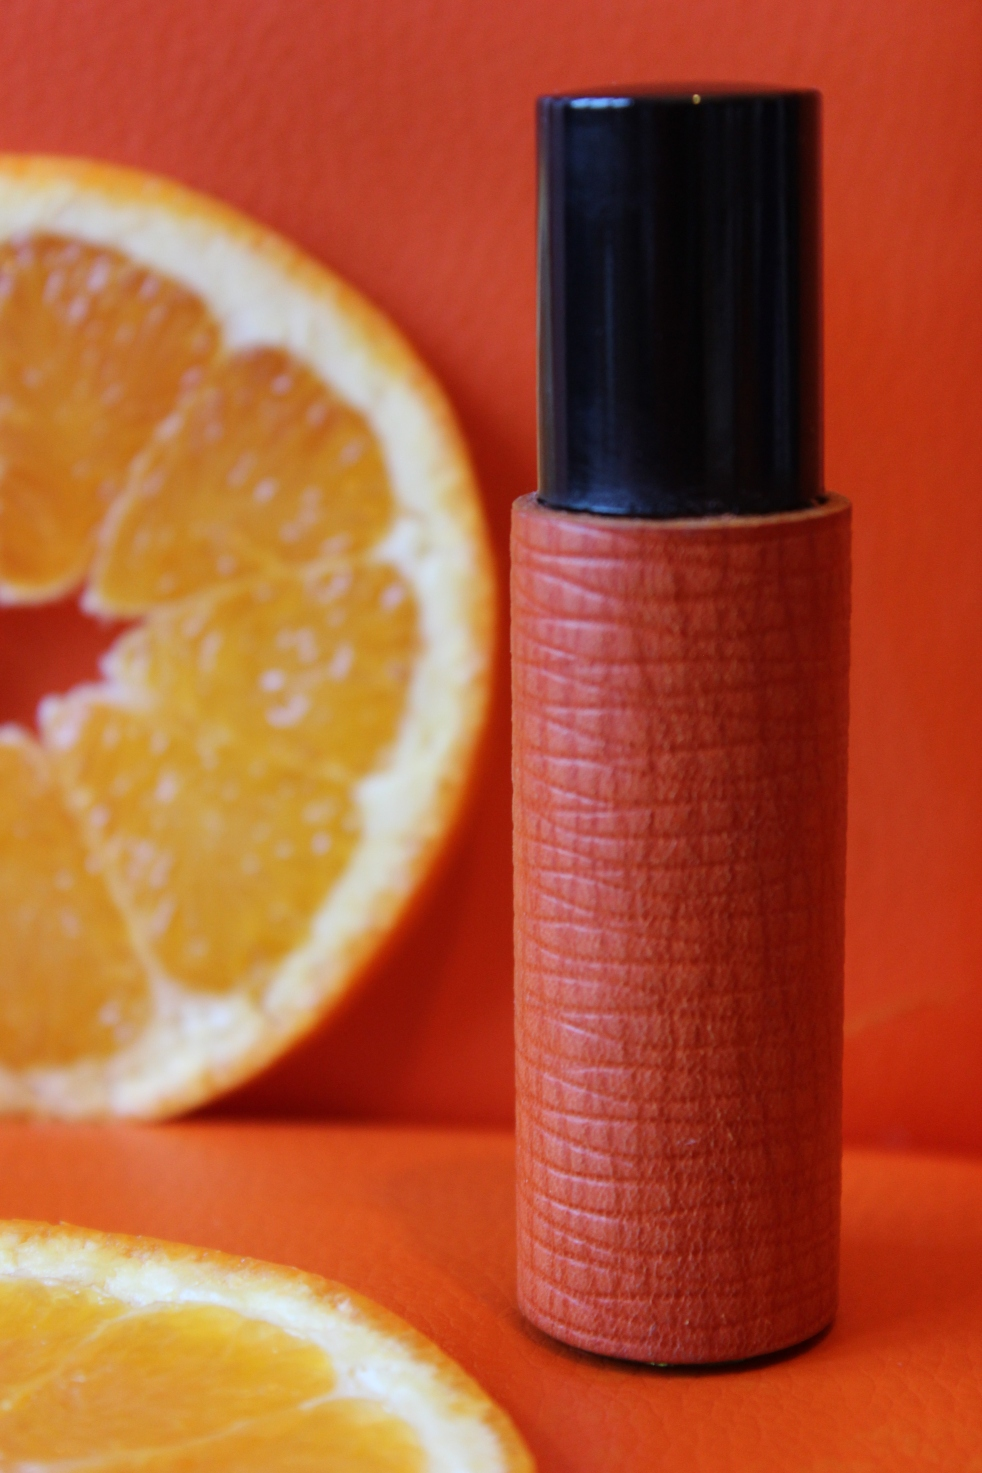 OR_Dose fragrance oils